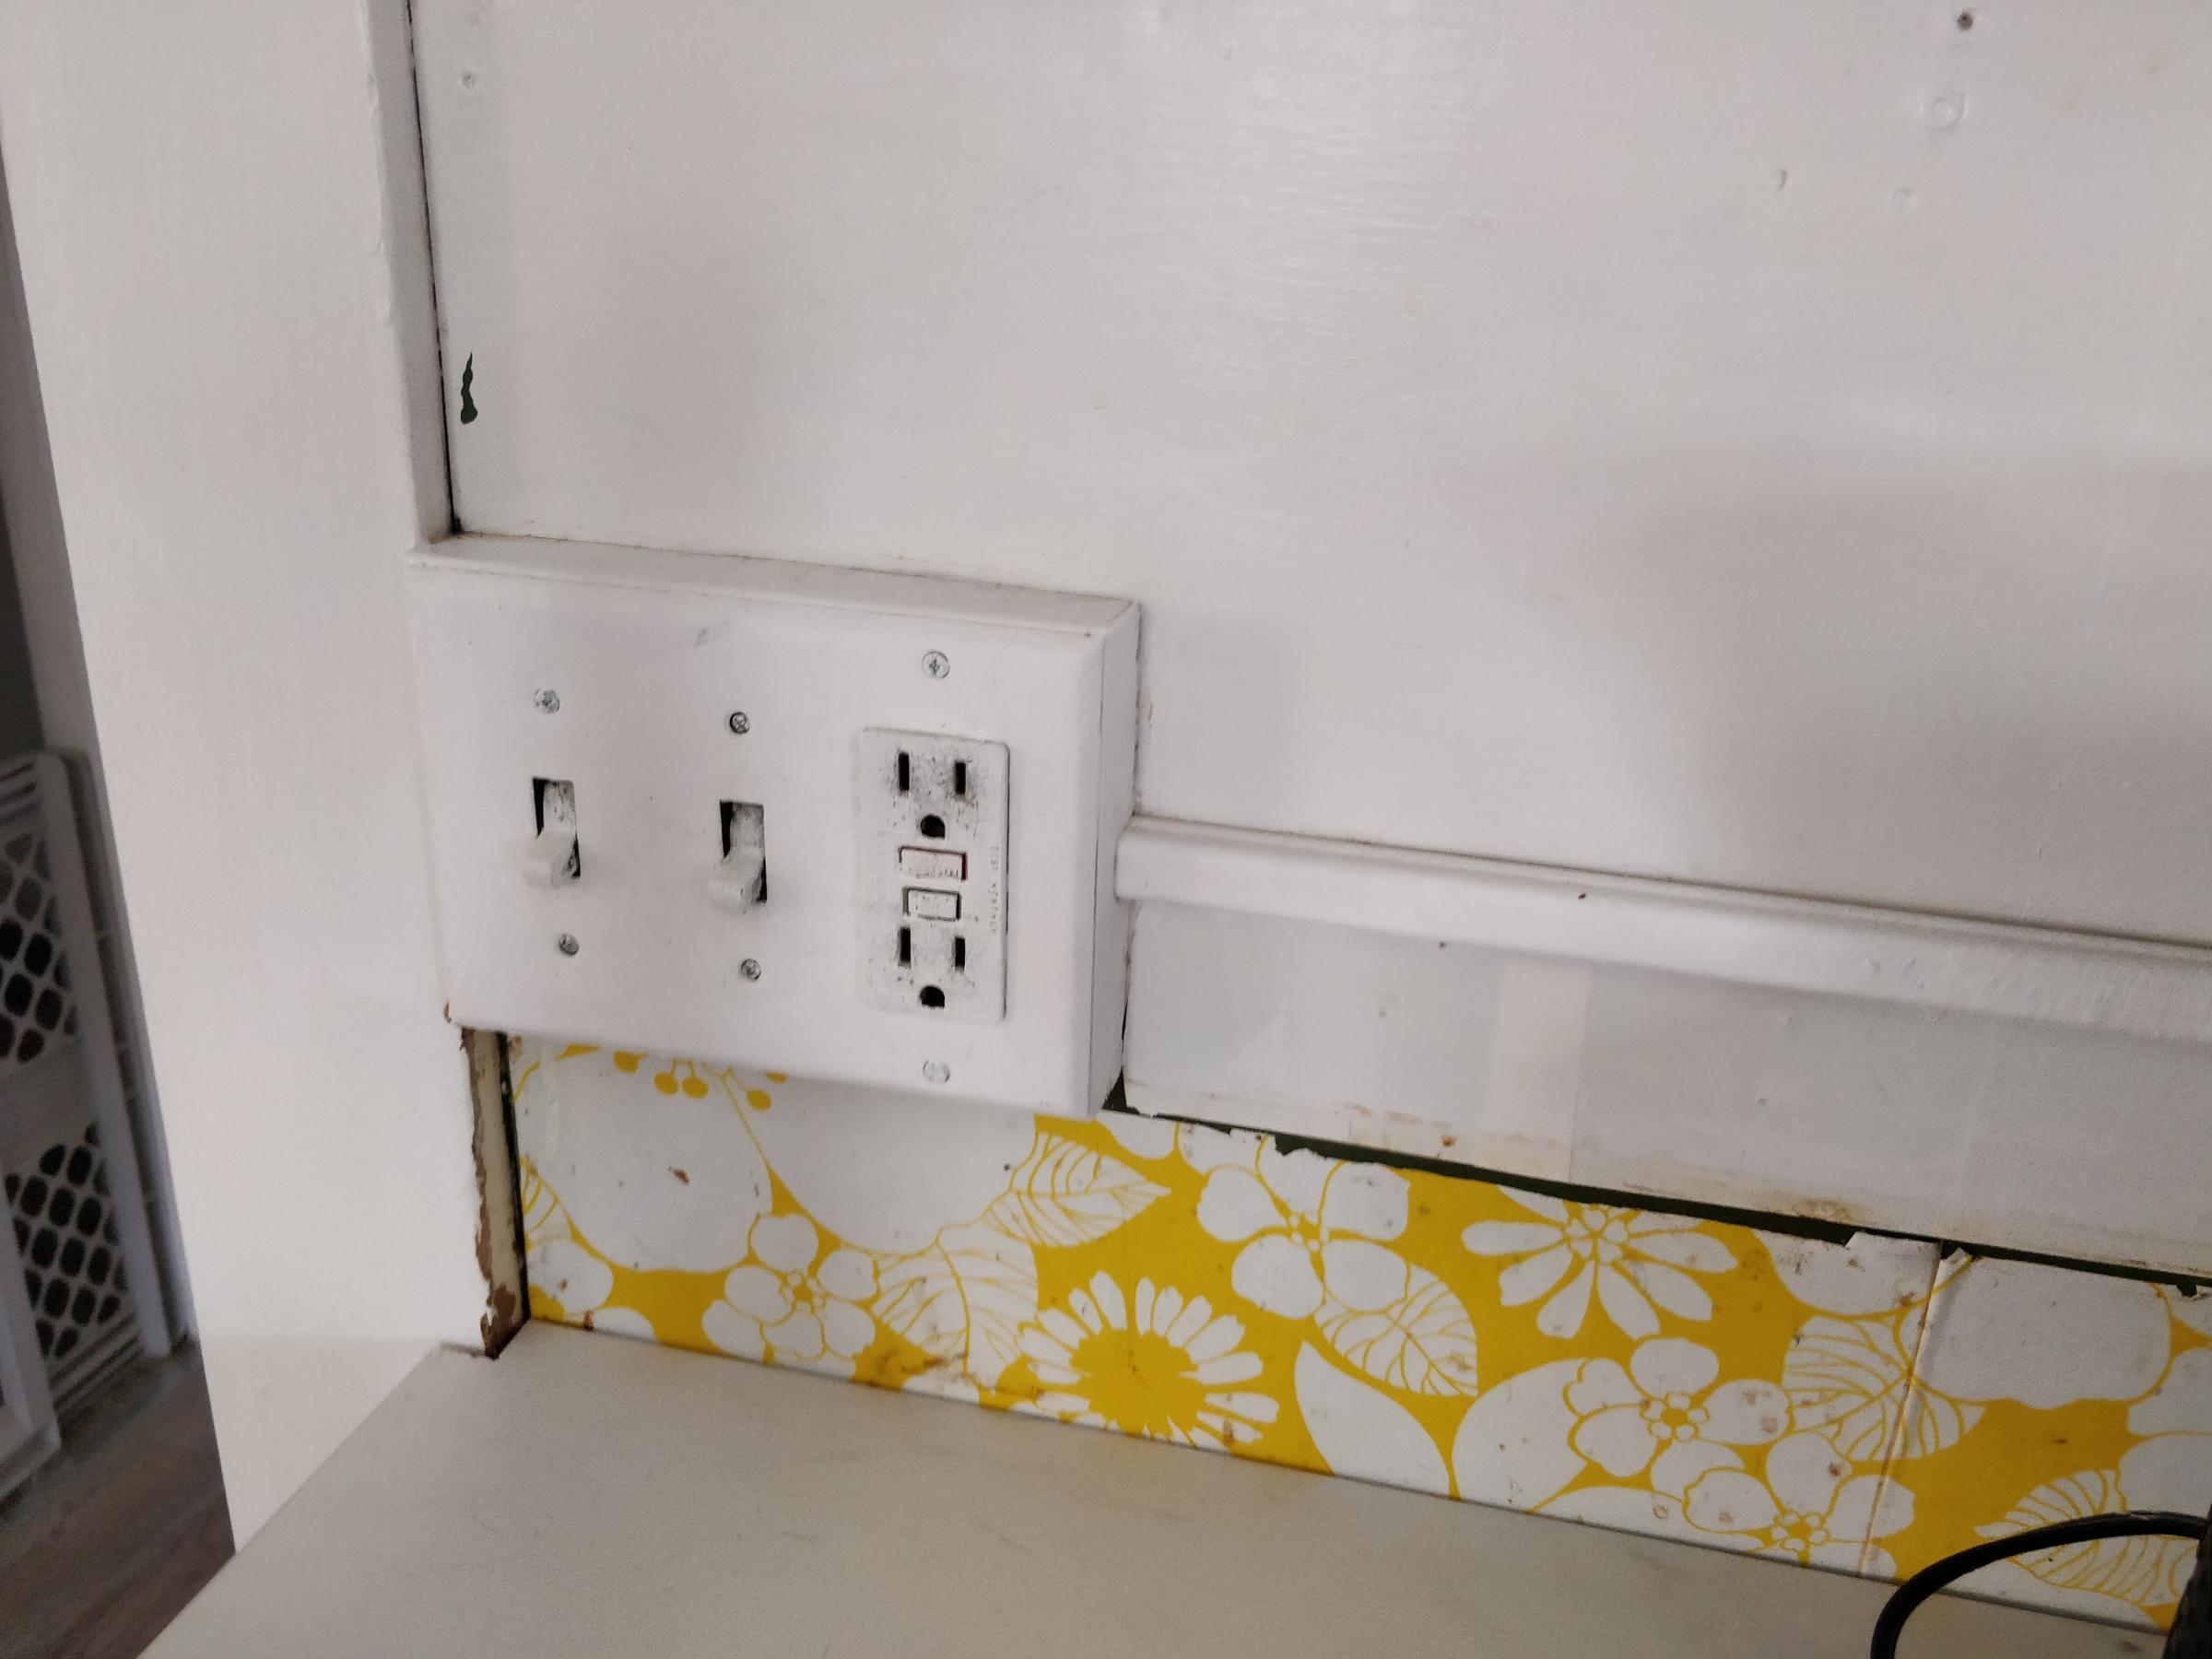 Can I tile over exterior plywood for kitchen backsplash?-img_20200321_150442.jpg